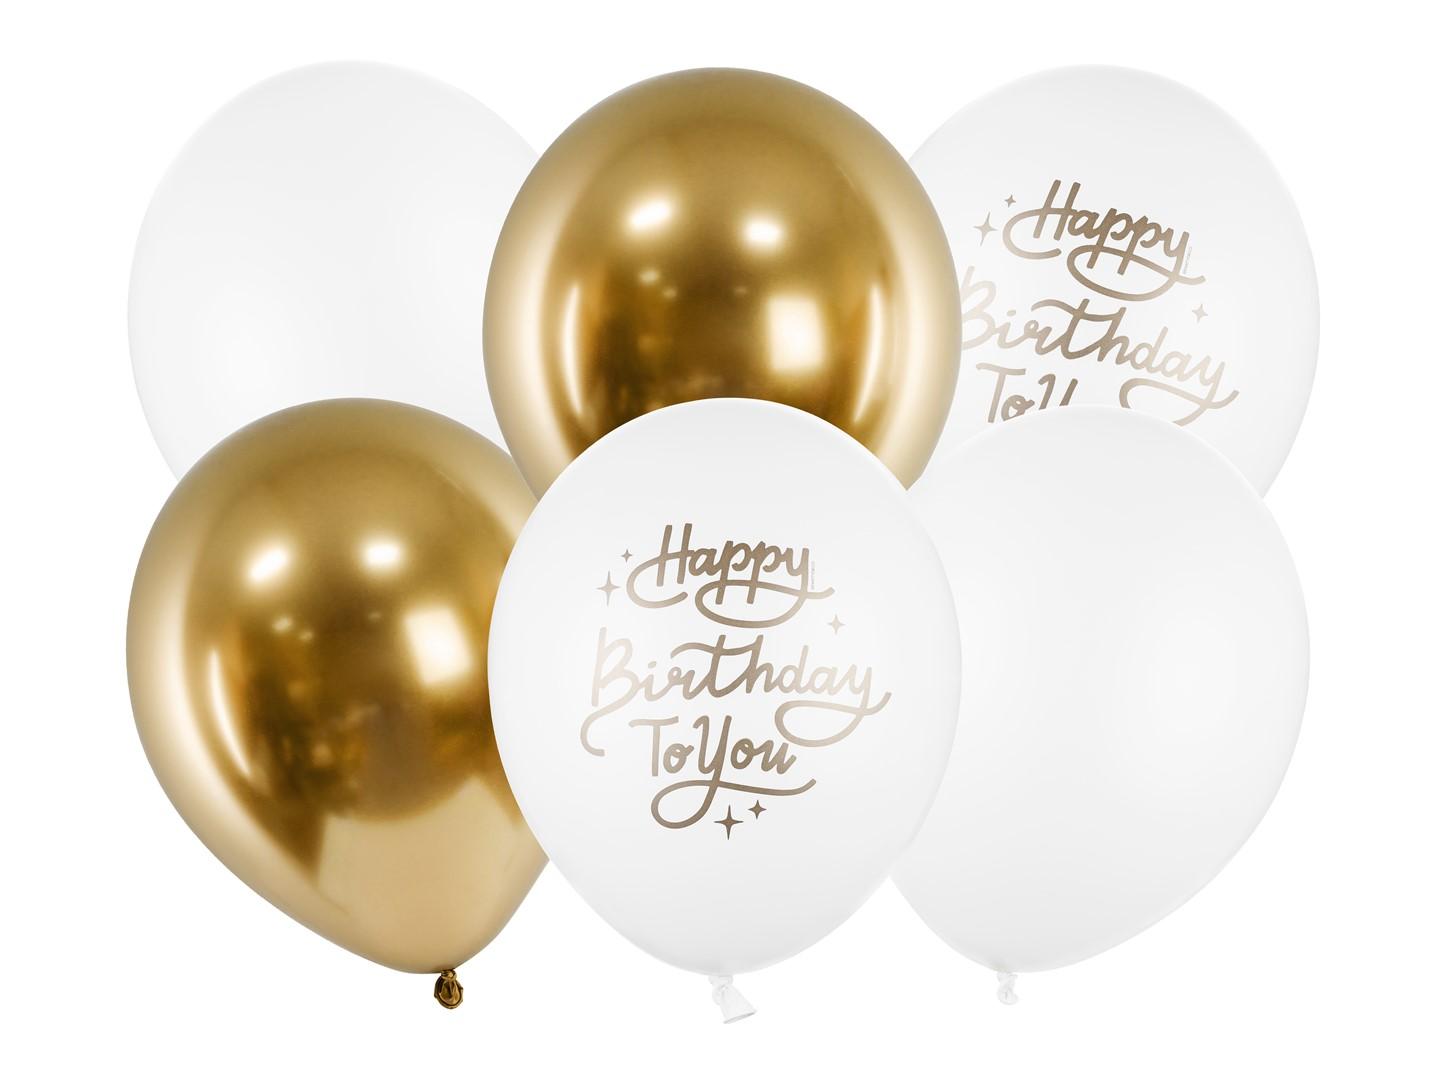 Σετ Μπαλόνια Latex Happy Birthday To You – 6 Τεμάχια